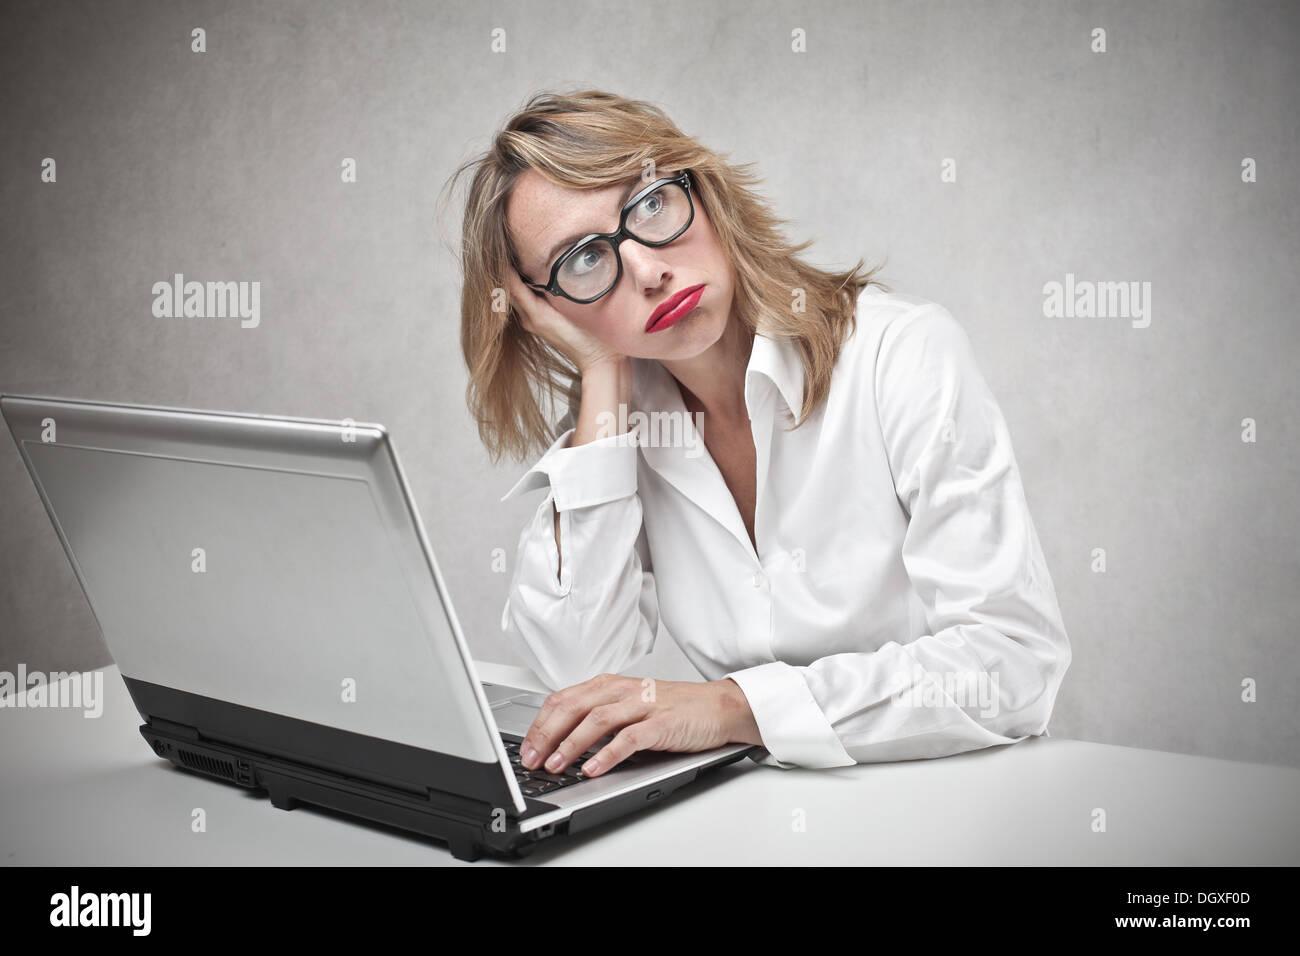 Ennuyer femme blonde avec des lunettes à l'aide d'un ordinateur portable Photo Stock